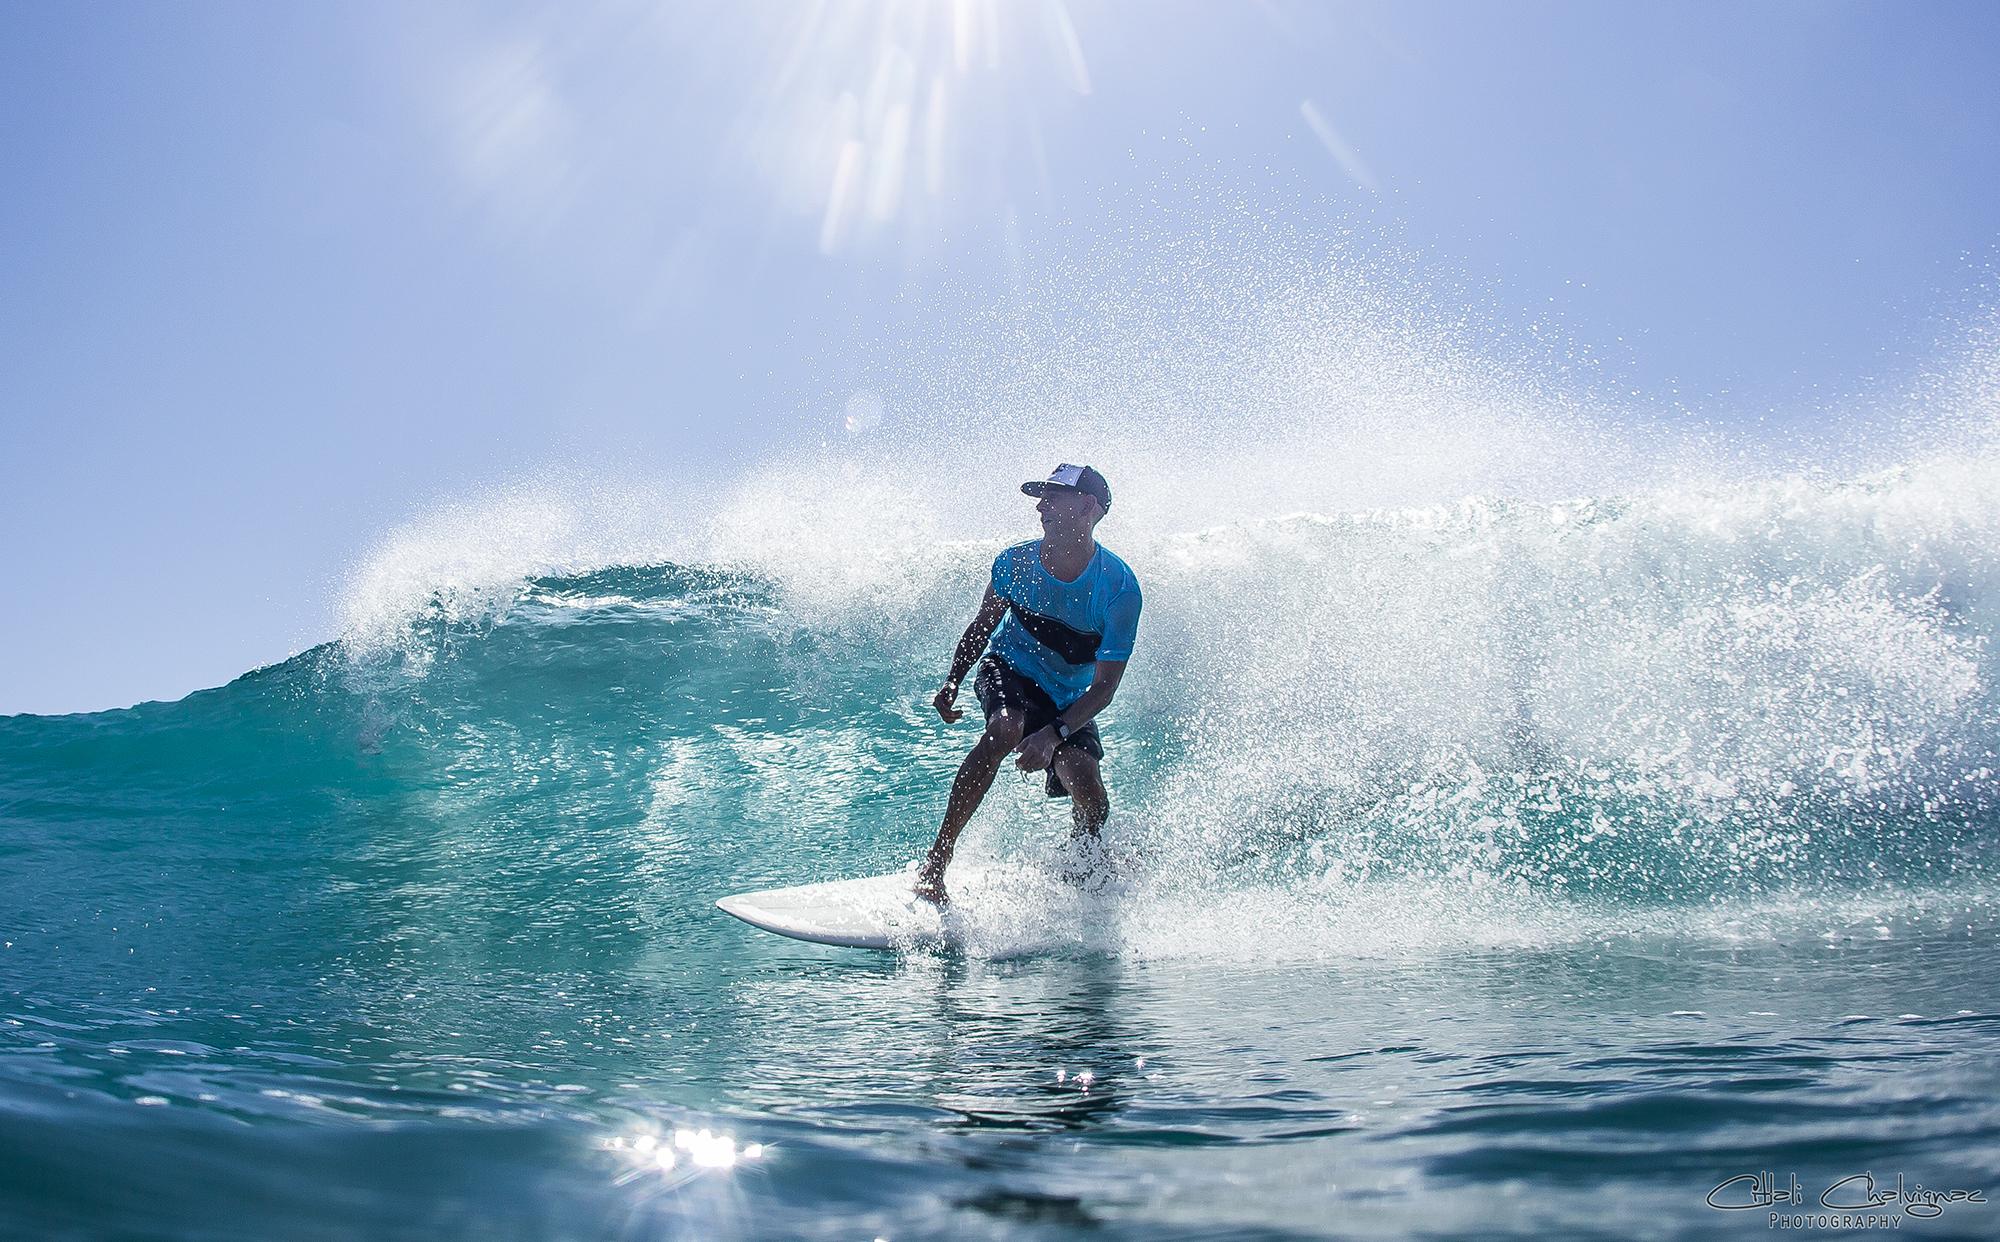 Galeria Surf imagen 4 Citlali Chalvignac